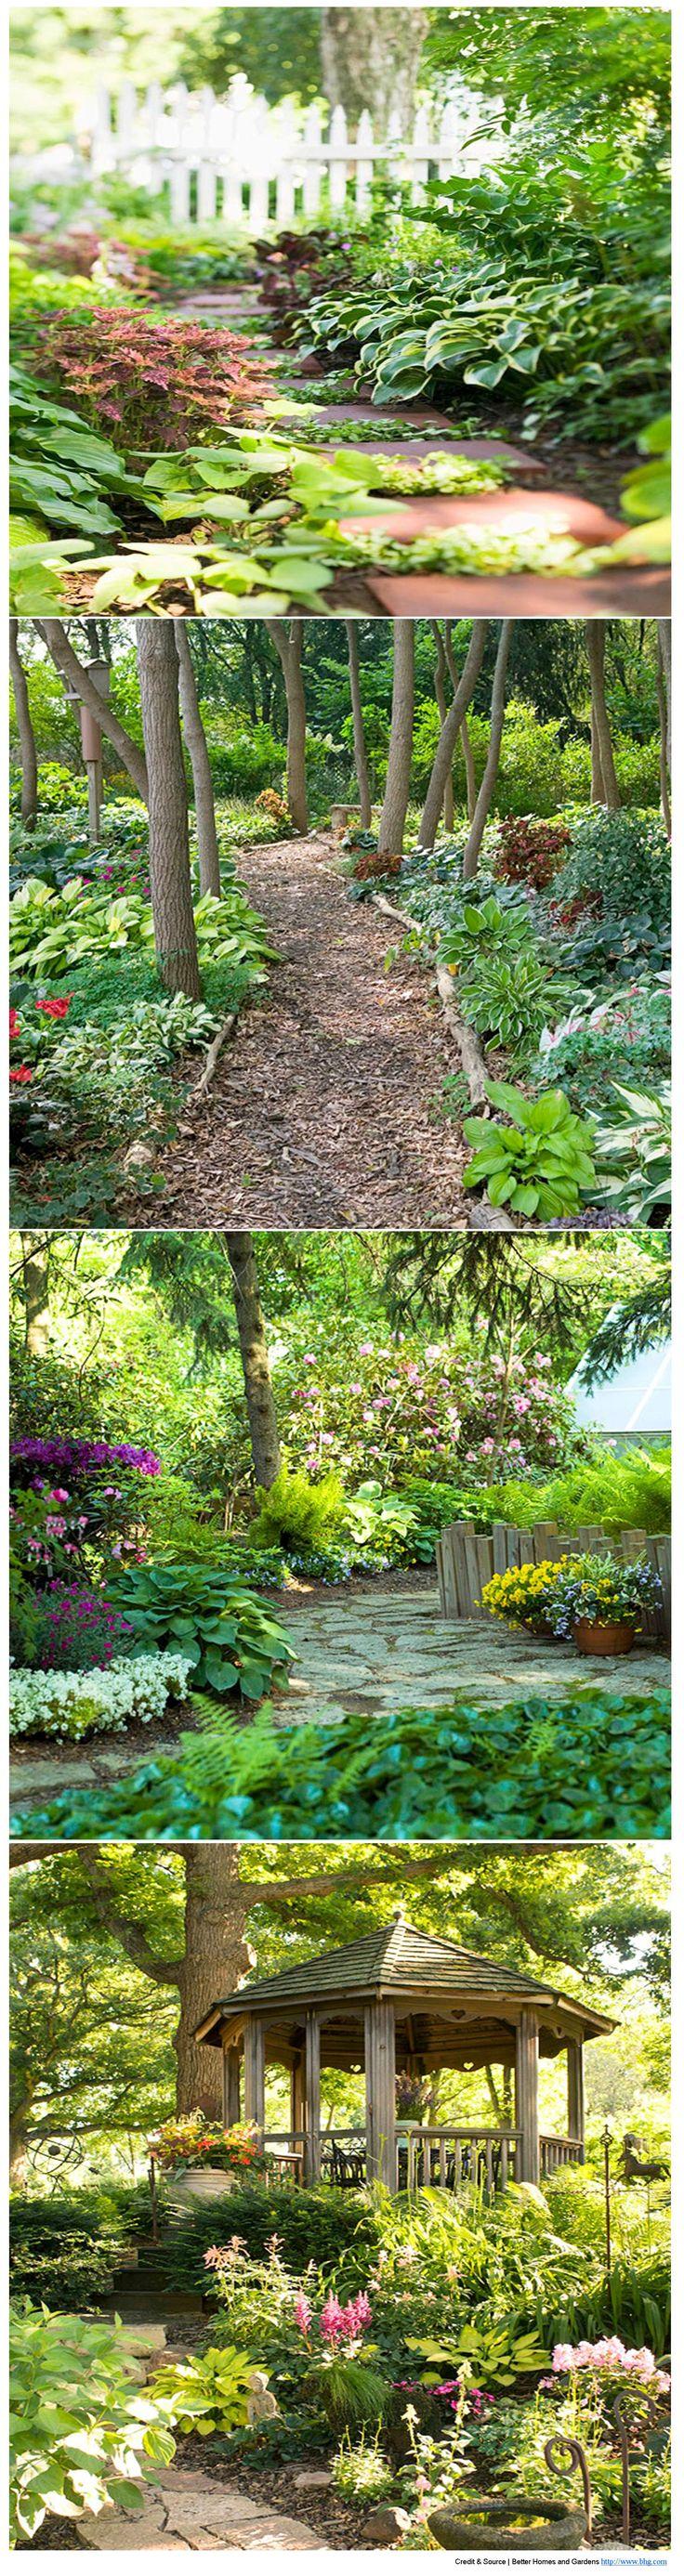 shade garden ideas pictures photograph garden shade